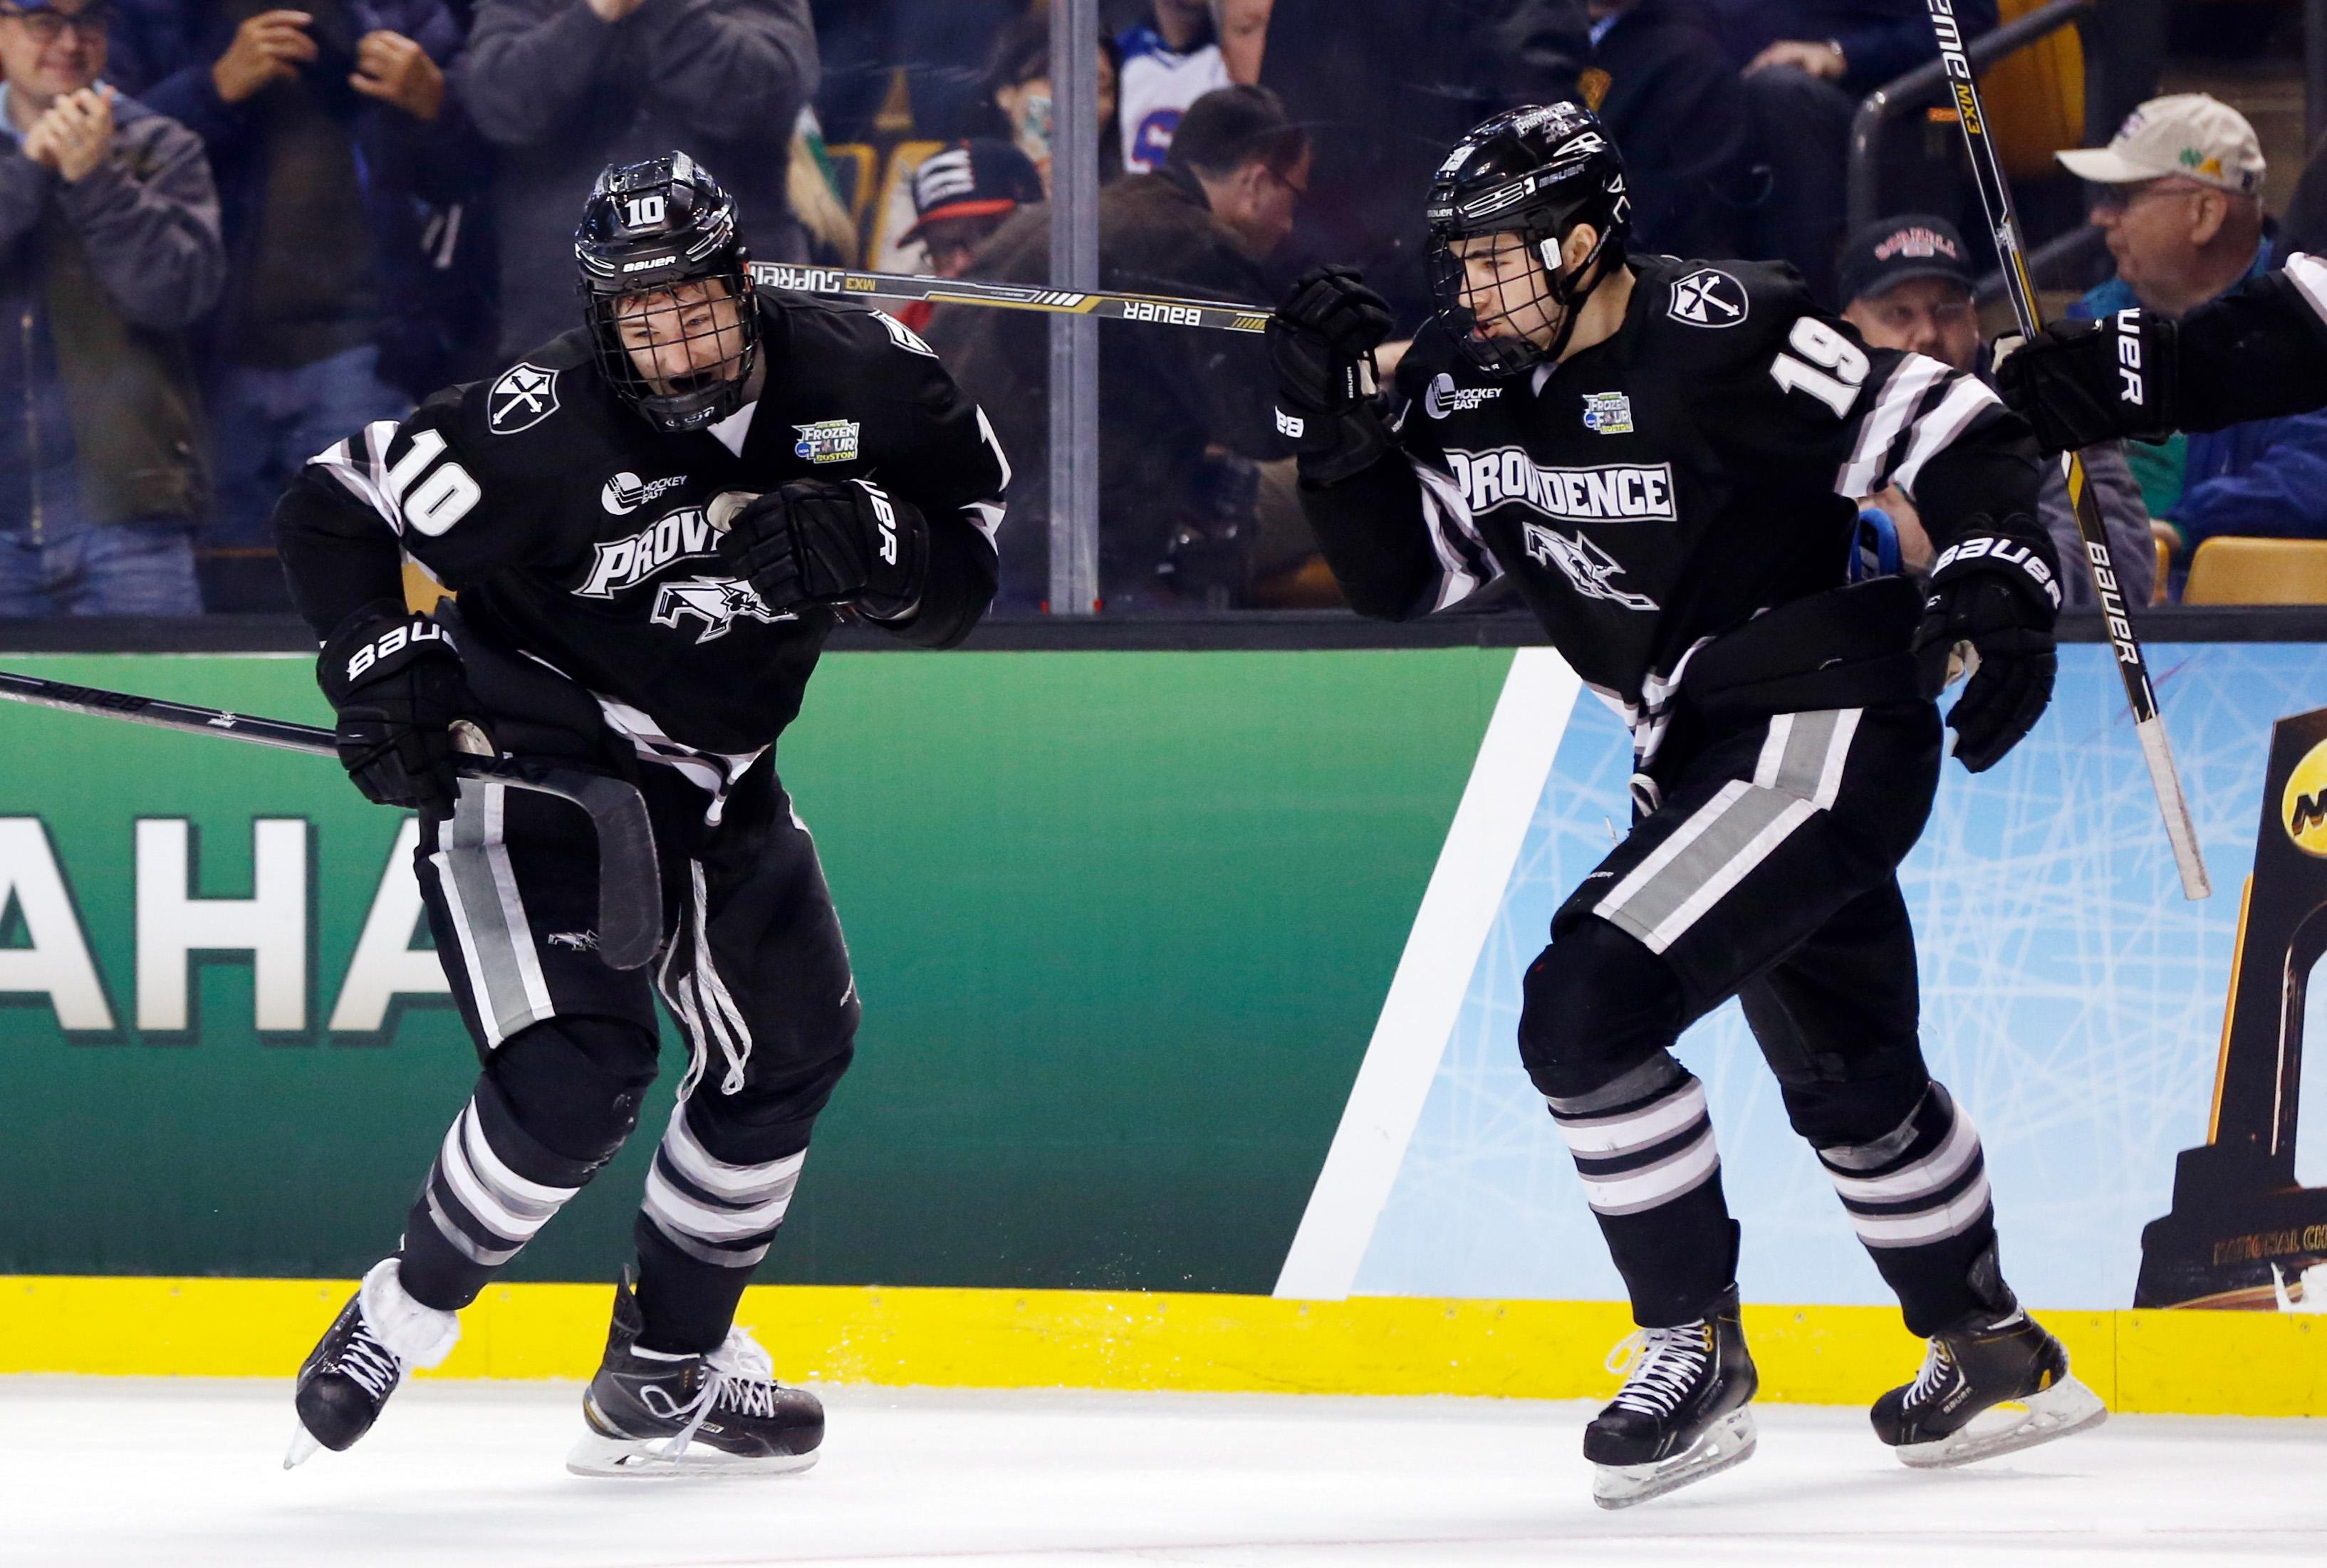 8509852-ncaa-hockey-frozen-four-omaha-vs-providence